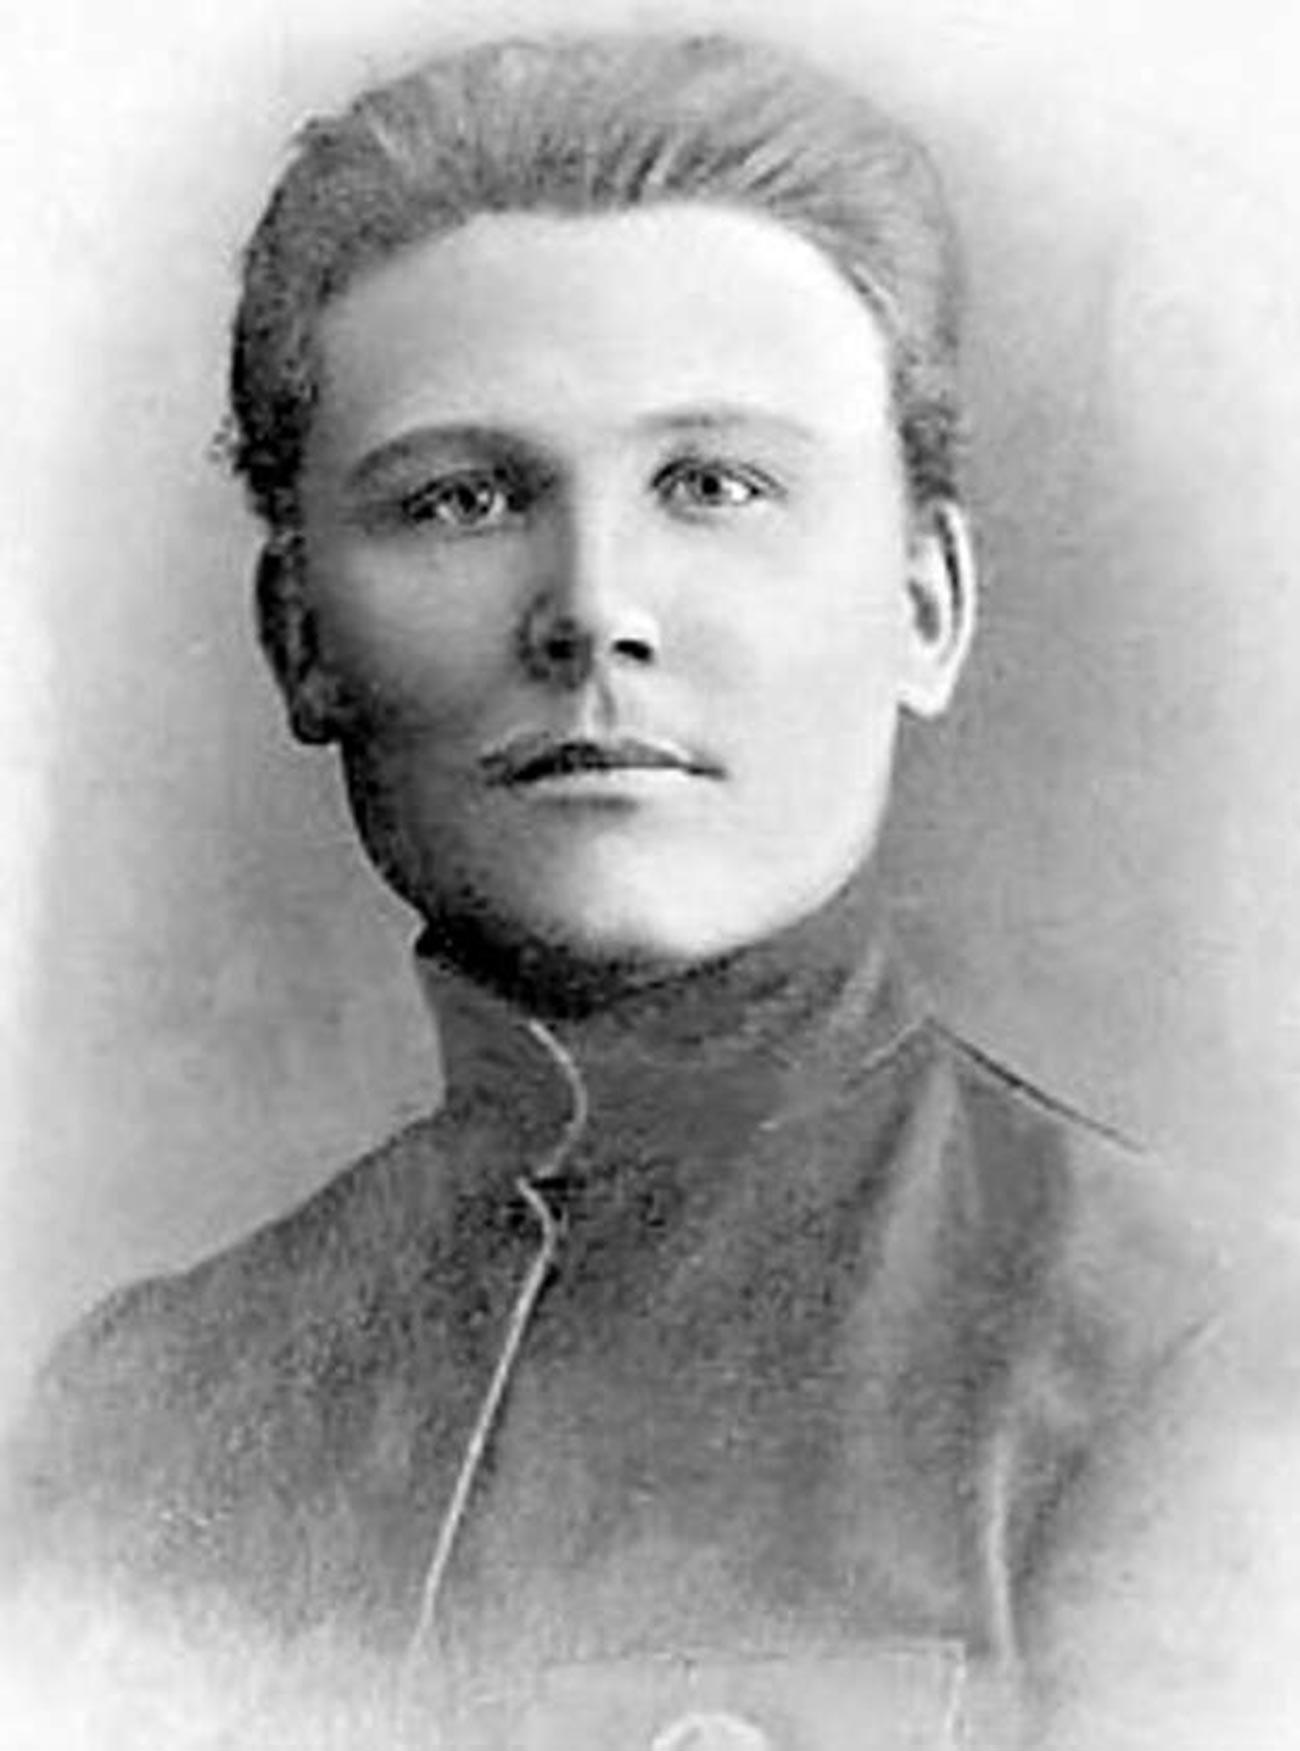 Konev in 1910s.